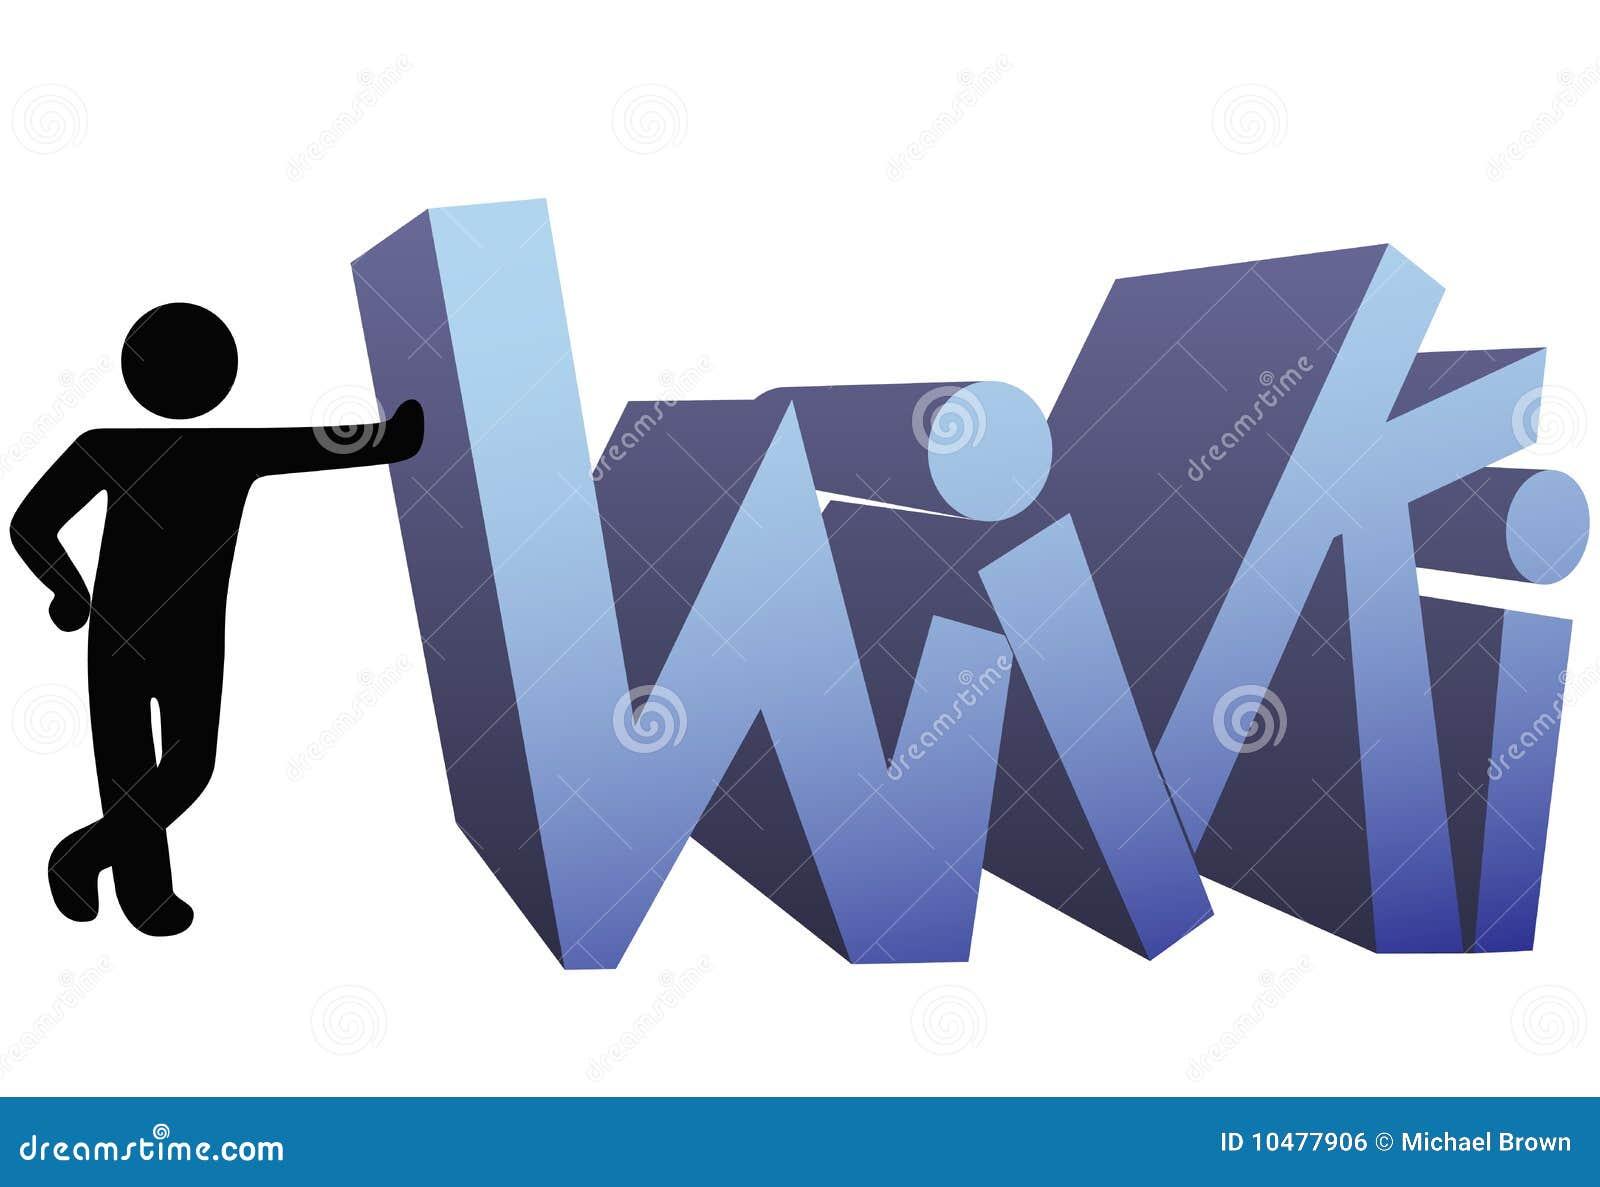 Wiki information people symbol